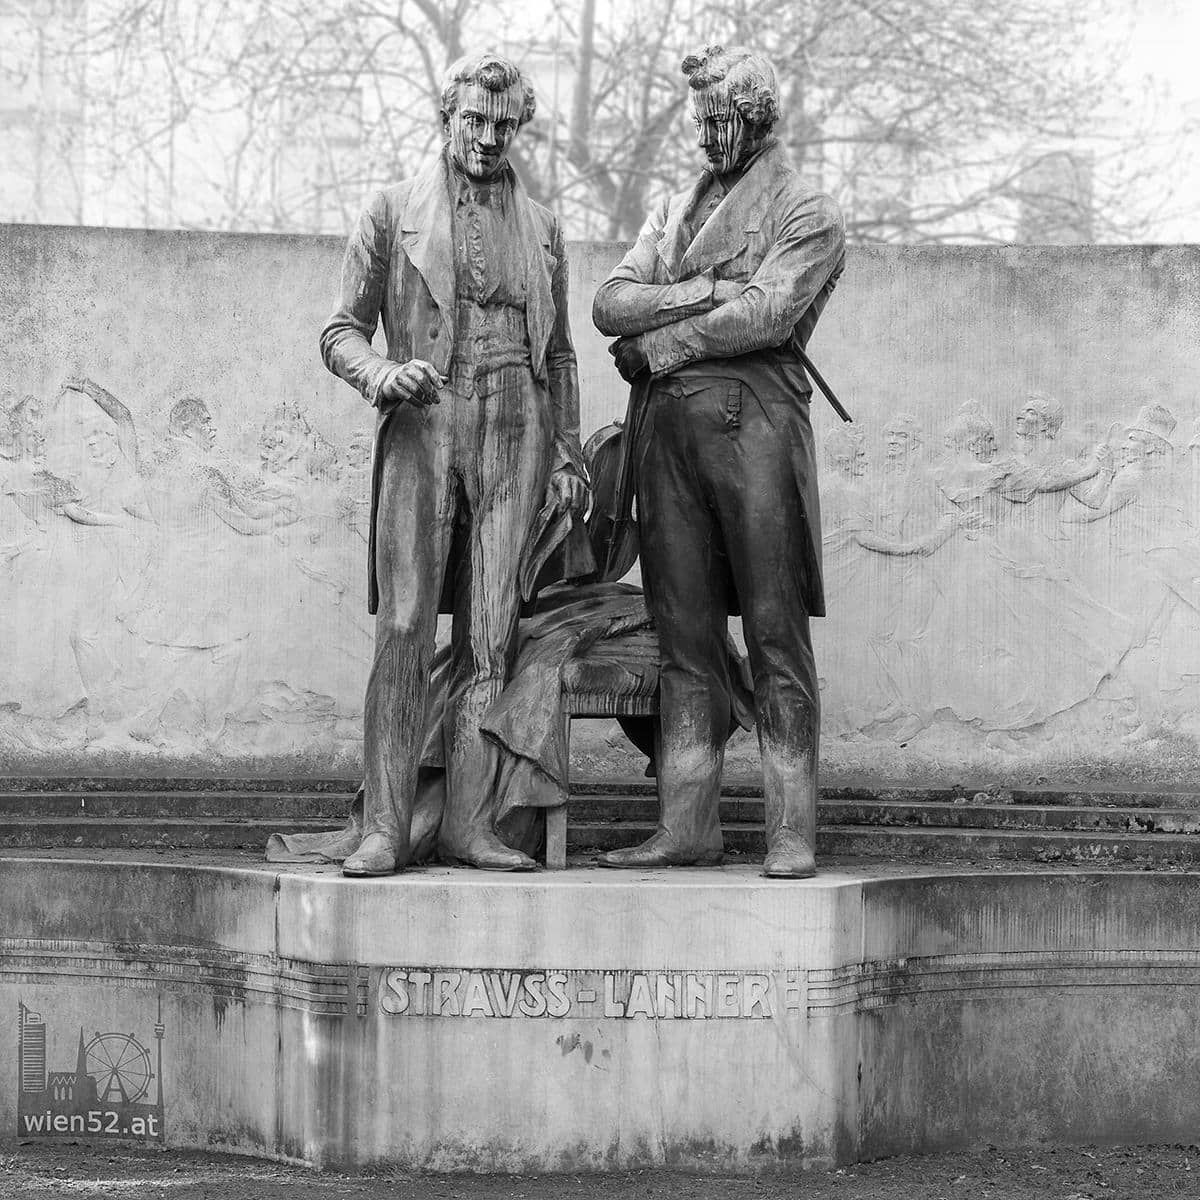 Johann Strauss Vater und Josef Lanner Denkmal  Rathauspark